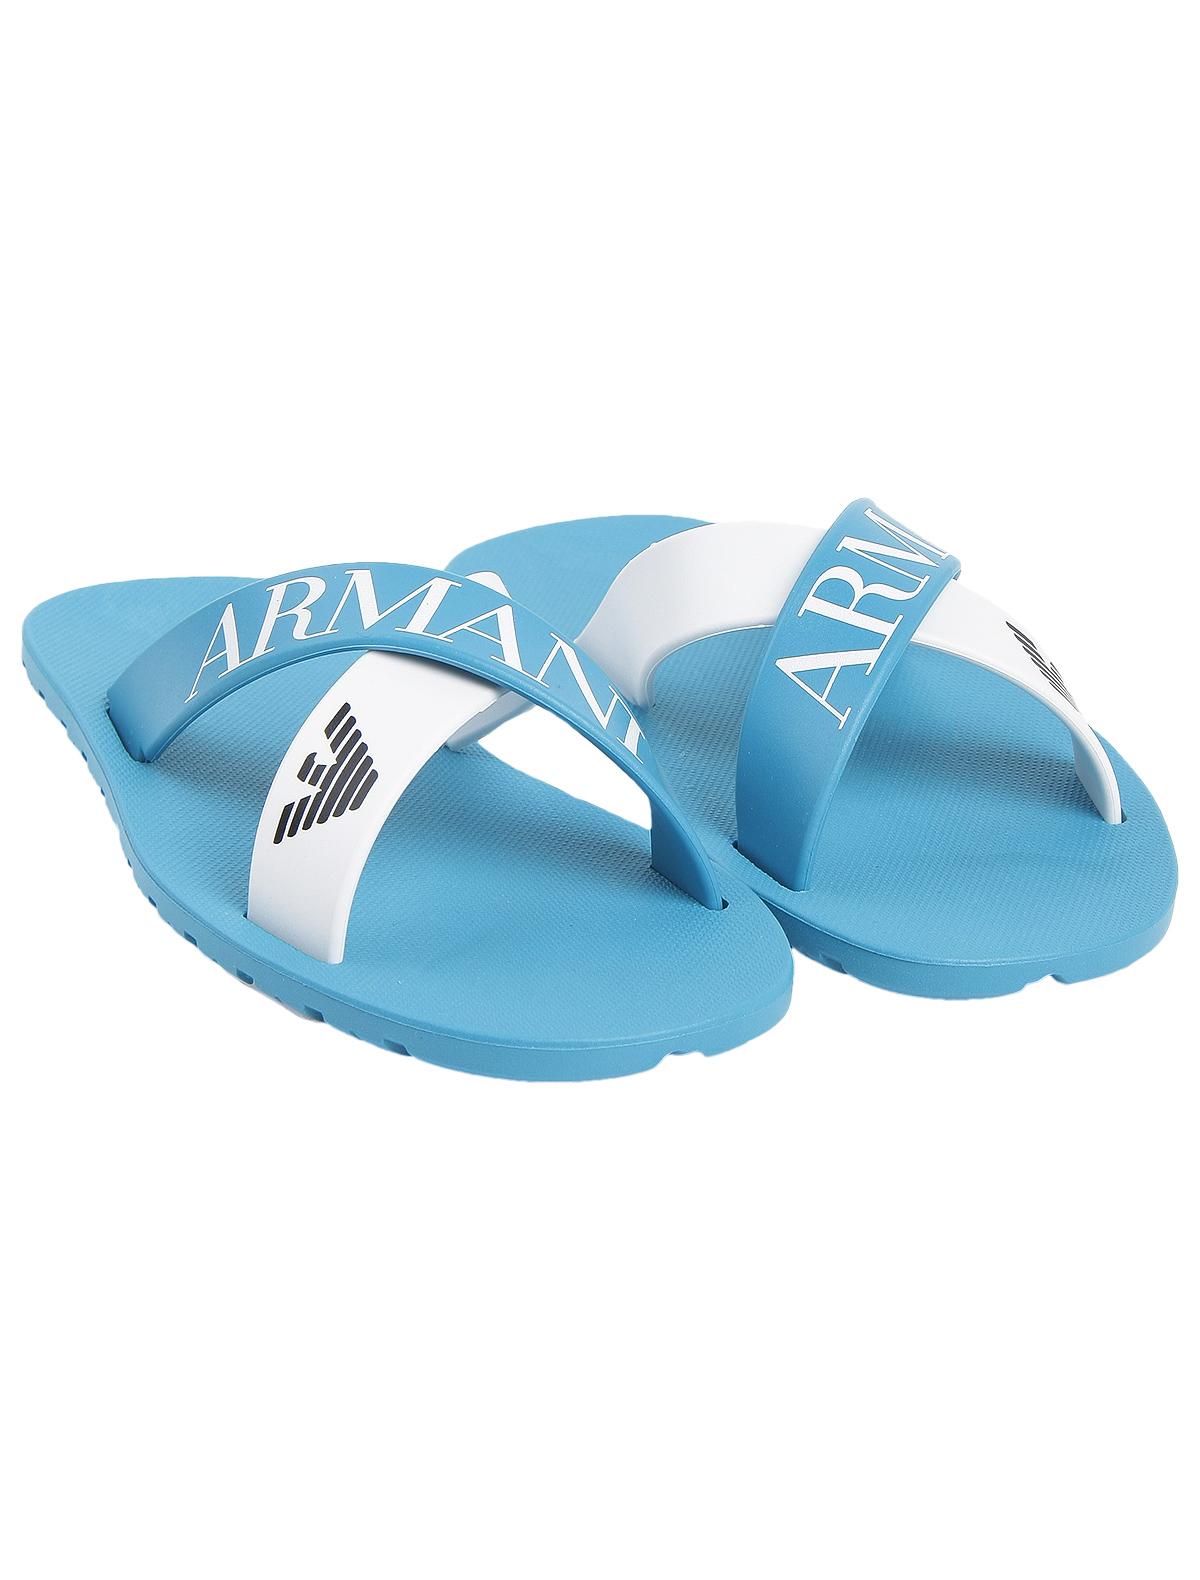 Купить 1924844, Шлепанцы пляжные Armani Junior, голубой, Мужской, 2281519870058